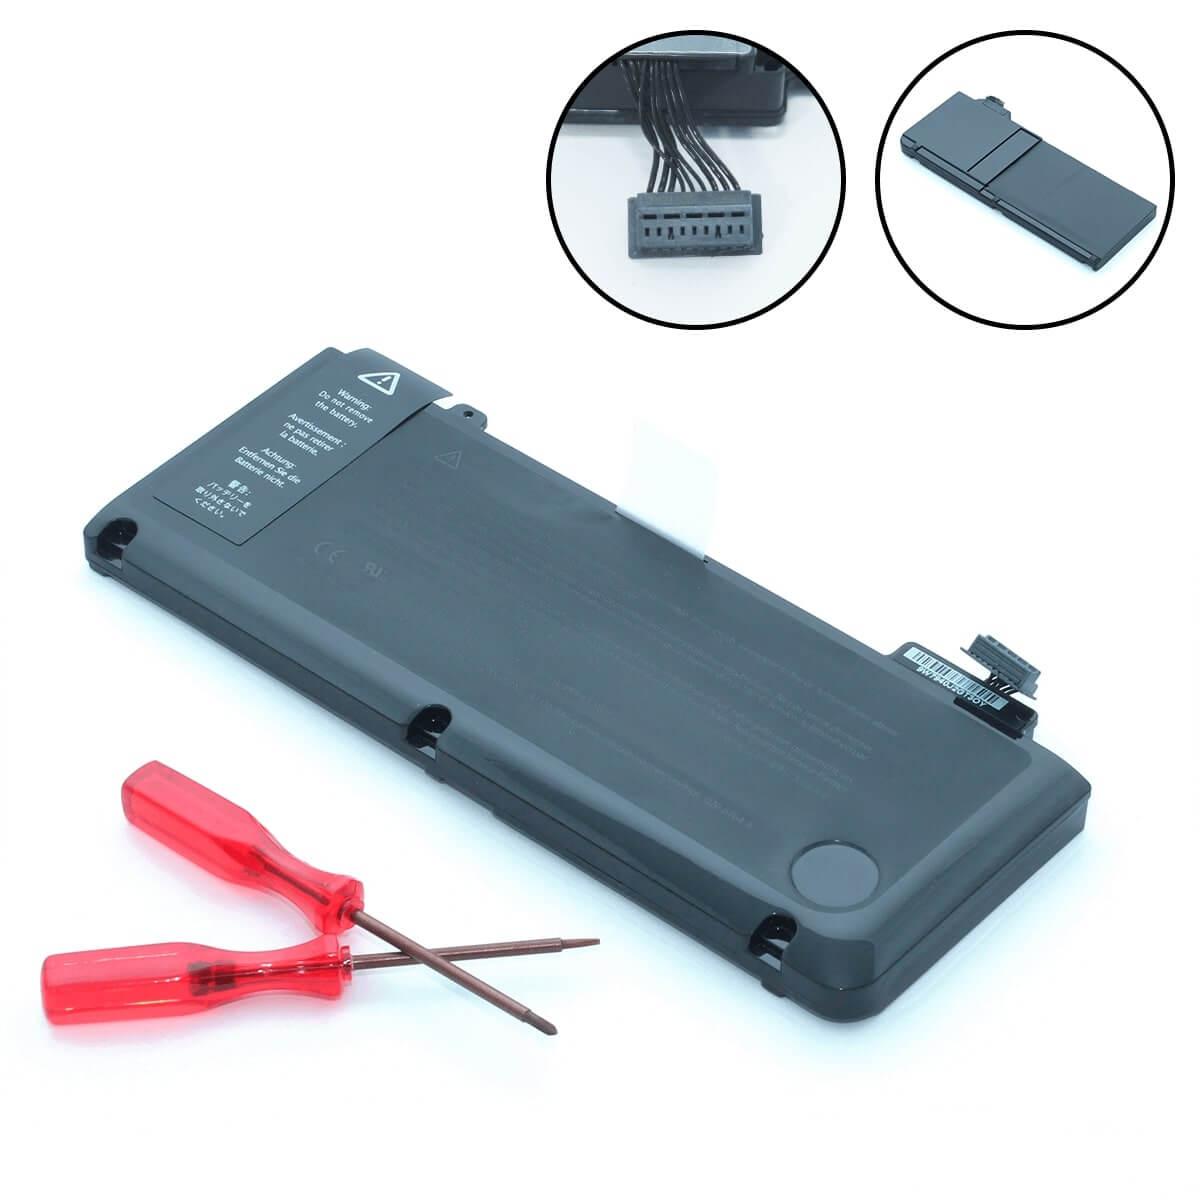 батарея для macbook pro 13 2009, 2010, 2011, 2012 годов a1322, батарея для a1278